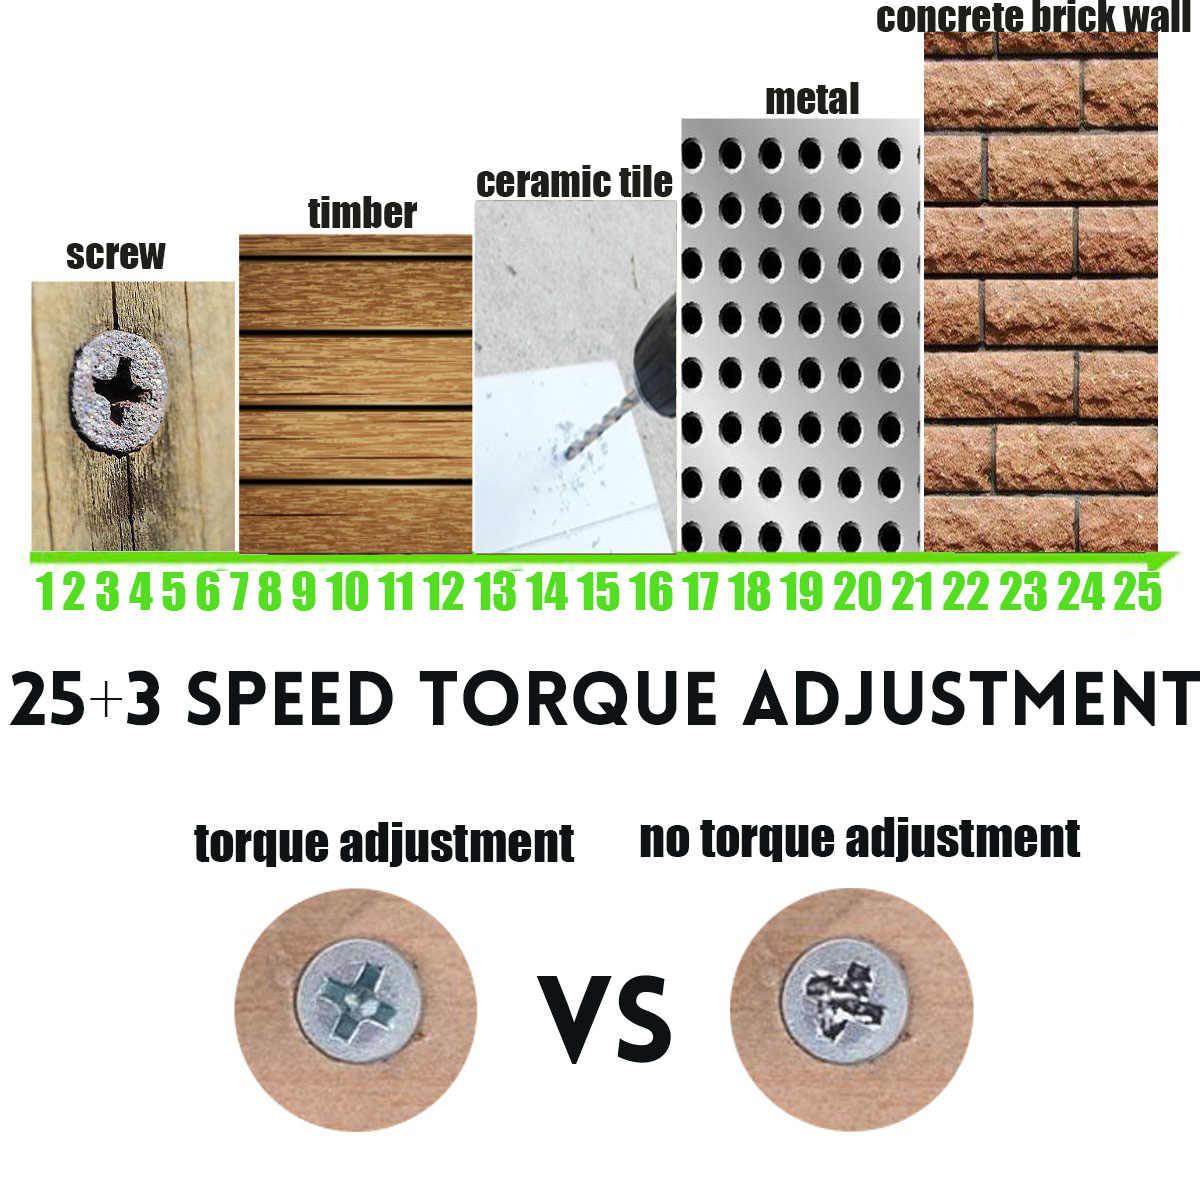 36 فولت اللاسلكي حفار كهربائي دقاق 1 أو 2 بطارية ليثيوم أيون 25 + 3 عزم الدوران مفك مصباح ليد لتقوم بها بنفسك المنزل اليد حفر مسطح أدوات كهربائية